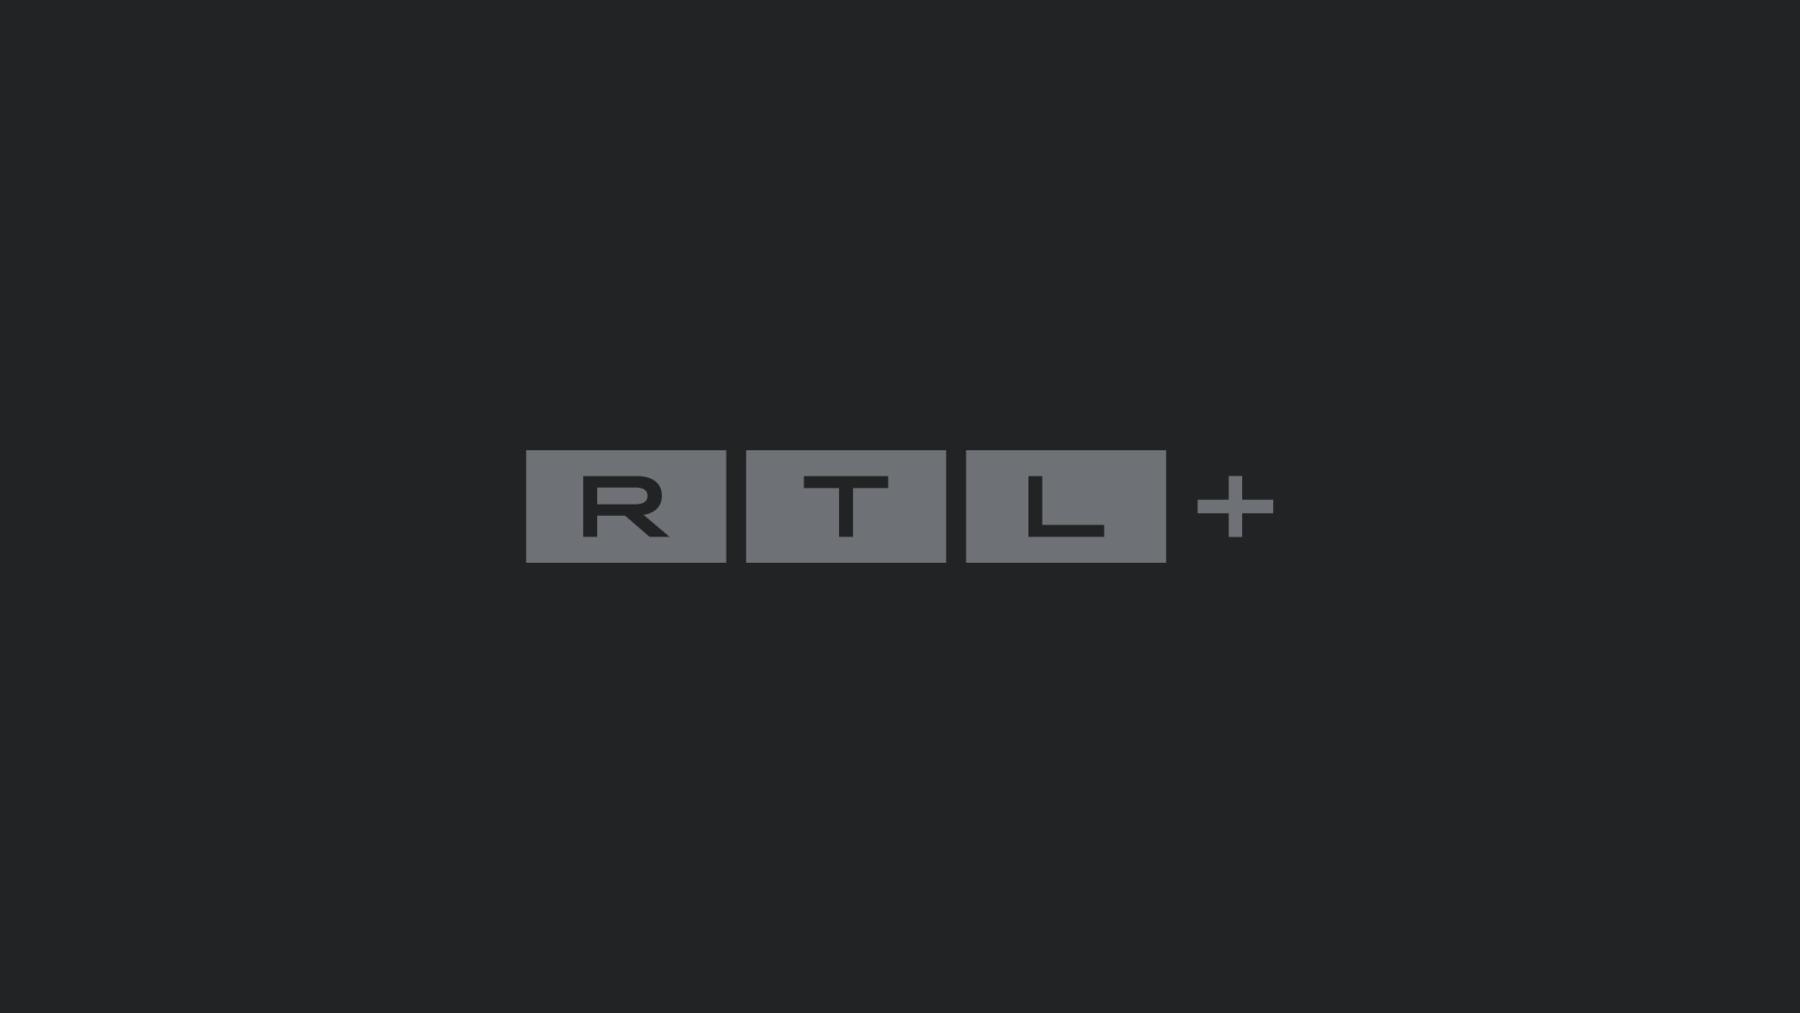 Team Beauty - Wir für deine Schönheit